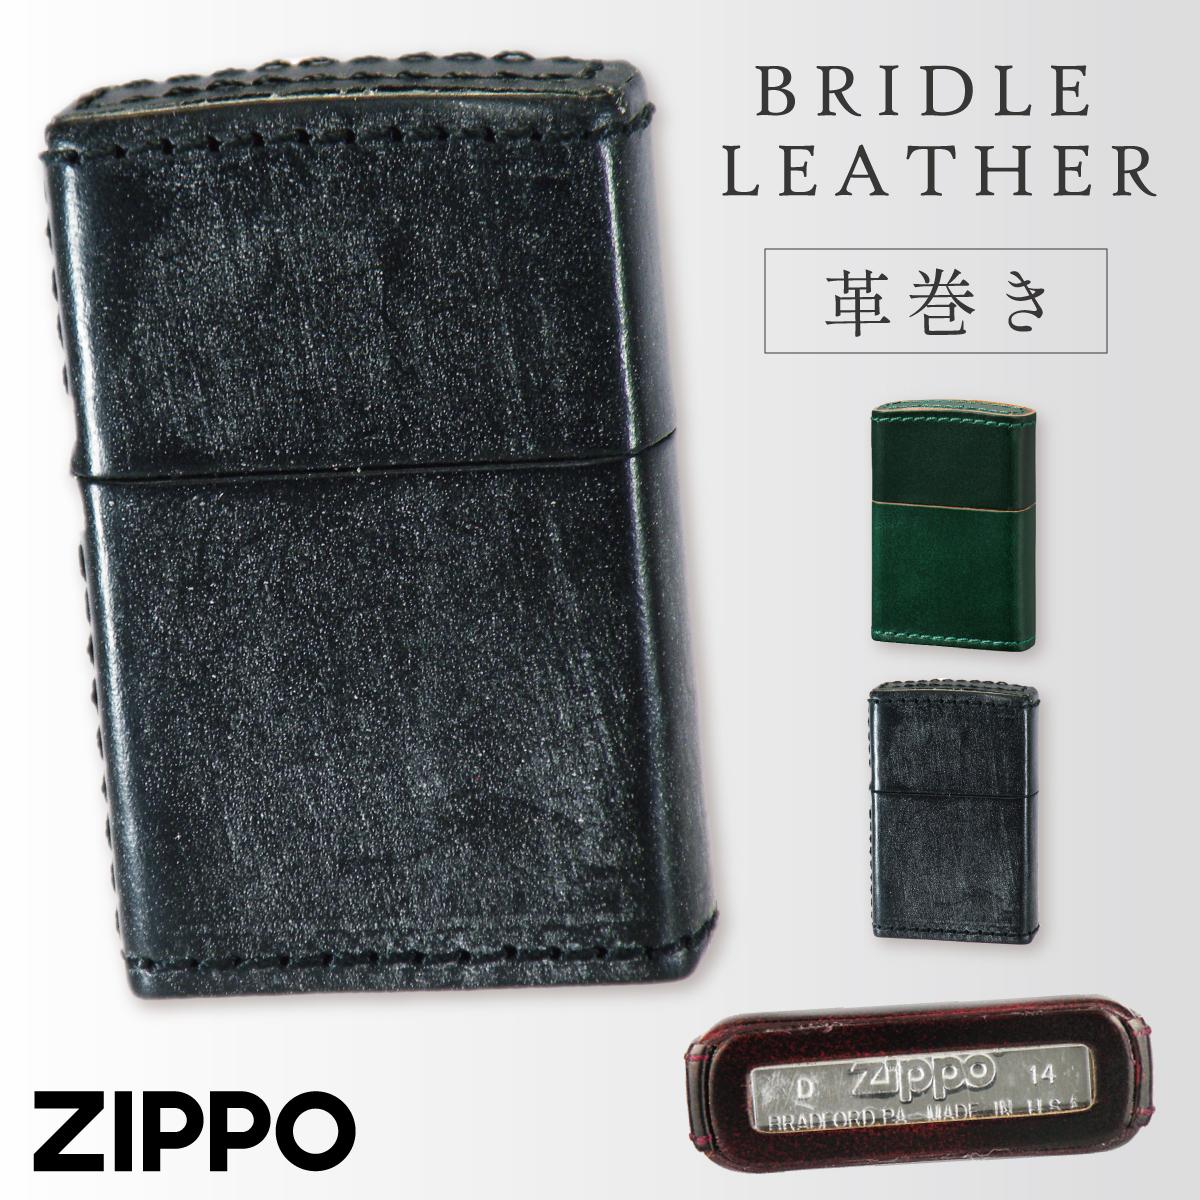 zippo ジッポーライター ブライドルレザー グリーン ギフト プレゼント 贈り物 返品不可 オイルライター ジッポライター メンズ レディース 男性用 女性用 喫煙具